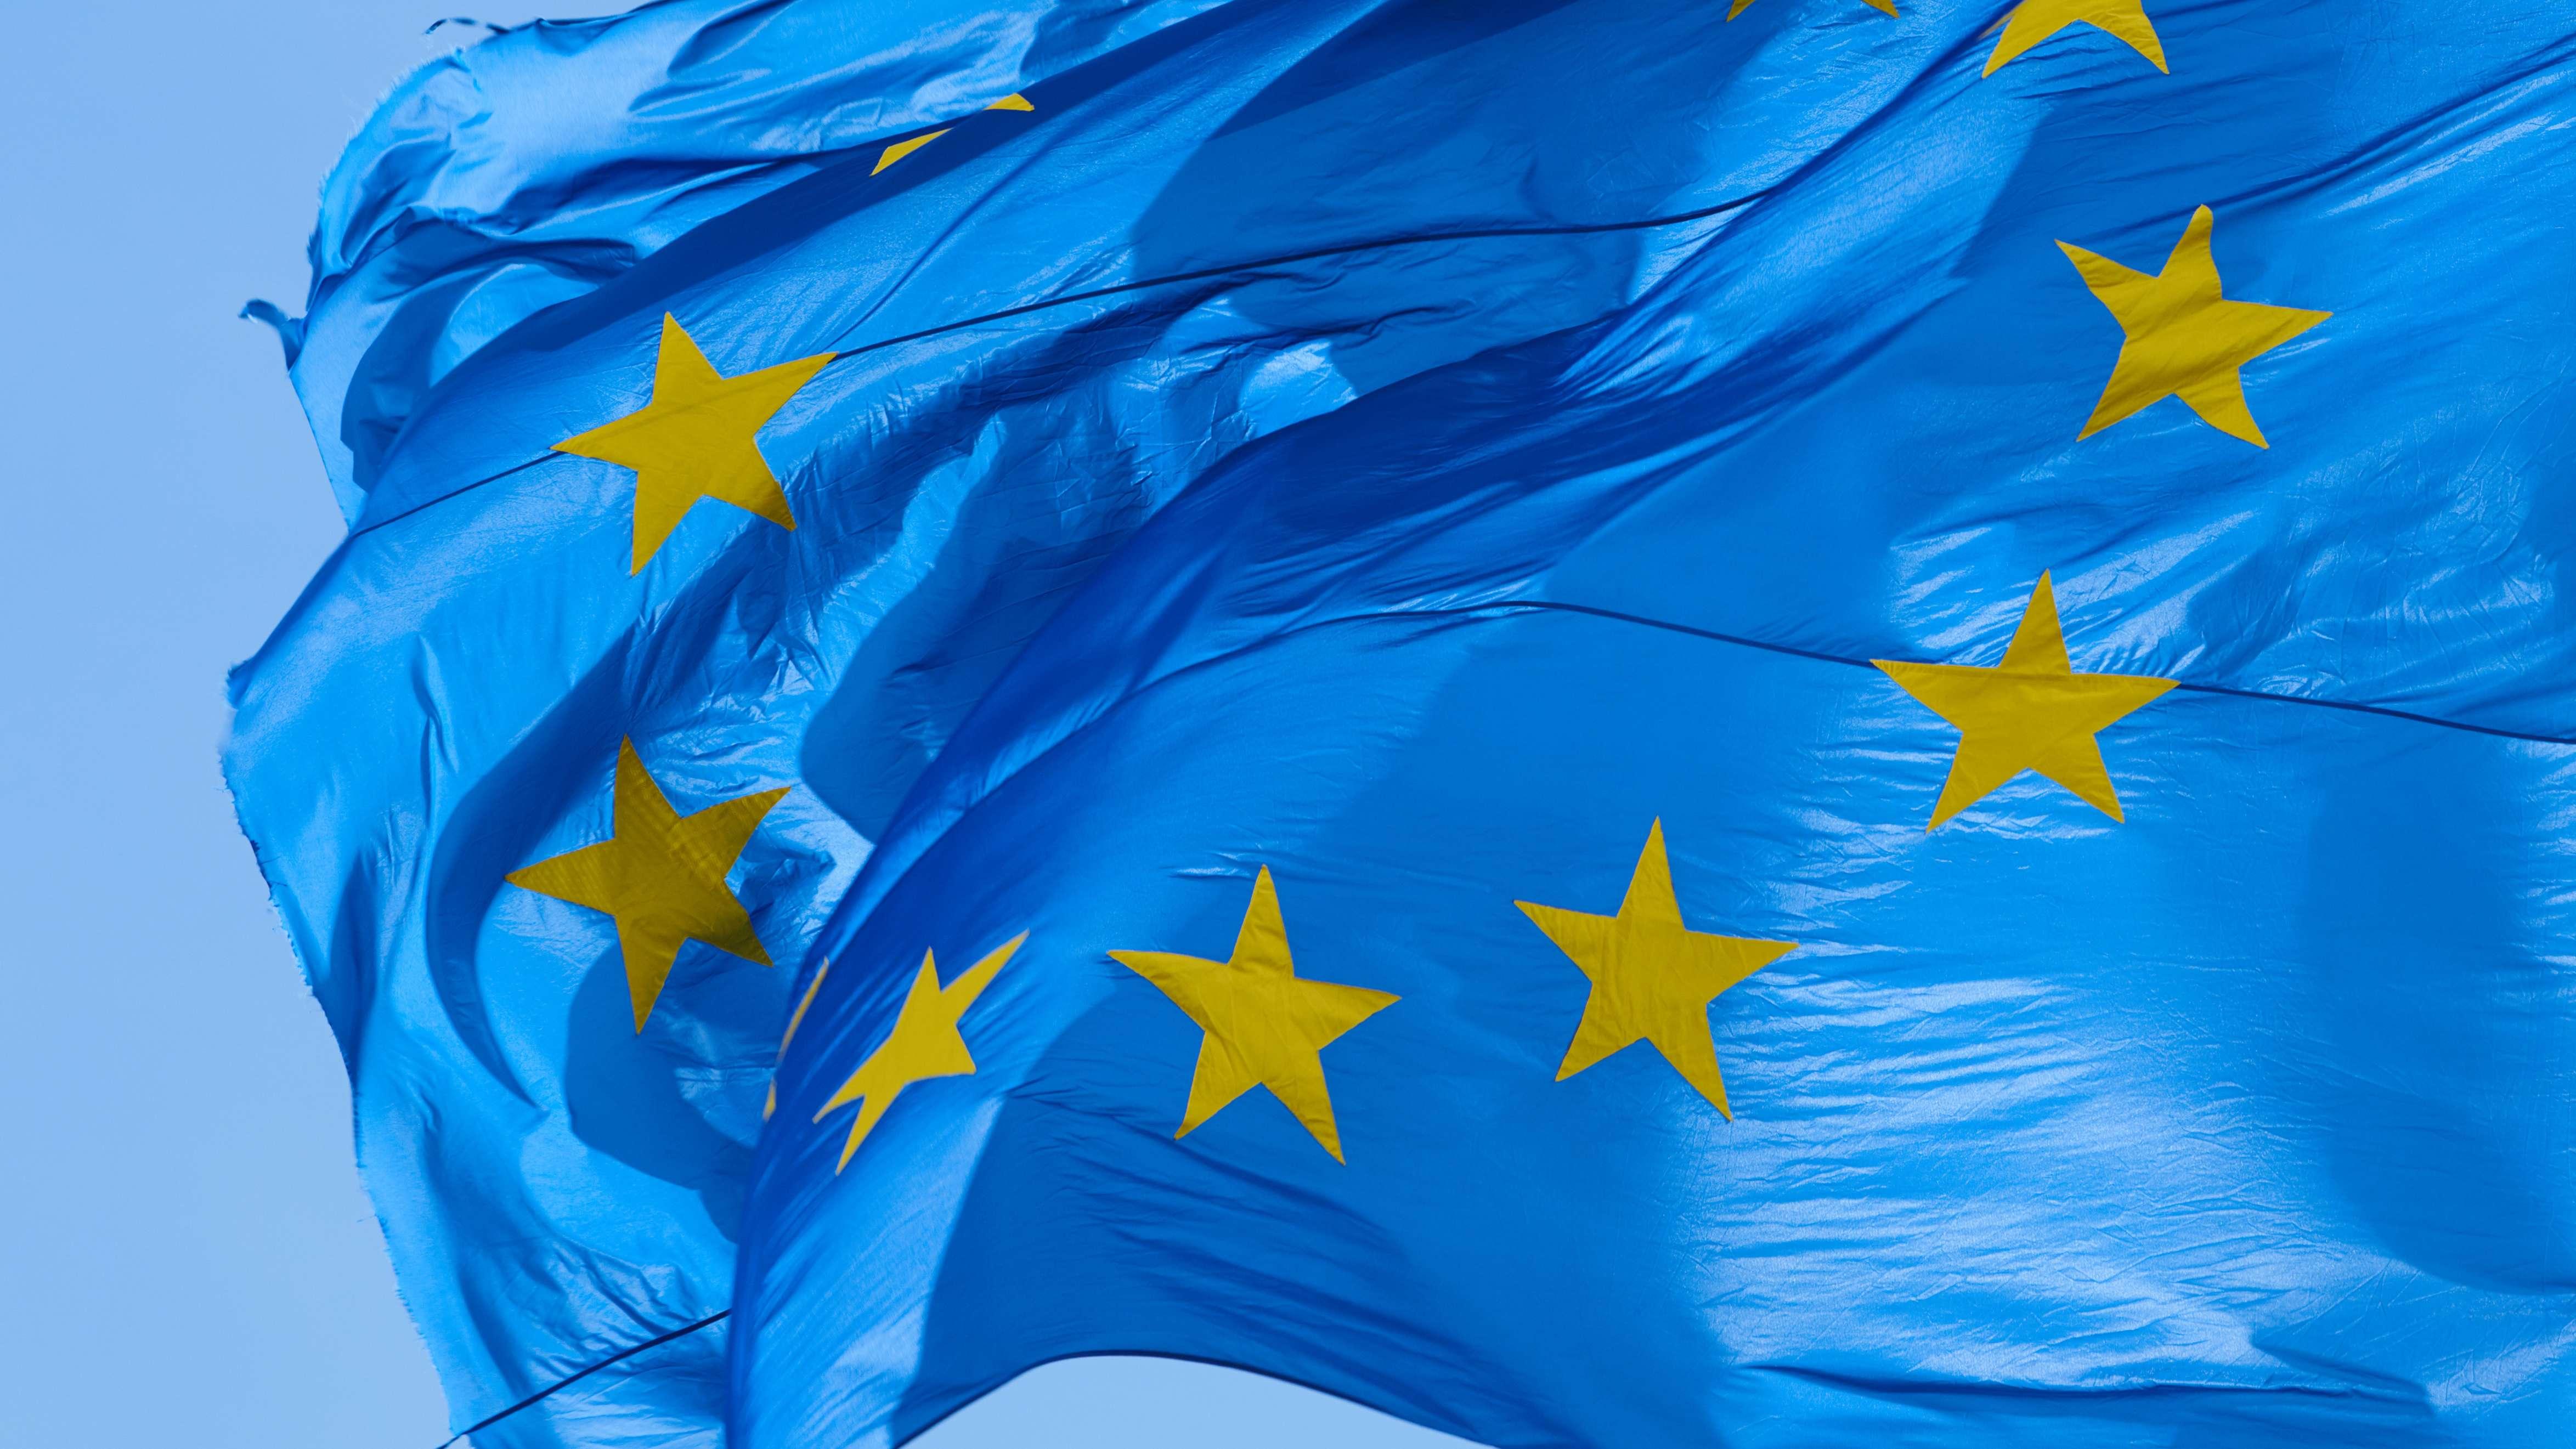 """Europas Flagge im Wind: ein Sinnbild für stürmische Zeiten. Ian Kershaw erzählt die Geschichte unseres Kontinents in seinen großen Büchern """"Höllensturz"""" und """"Achterbahn""""."""